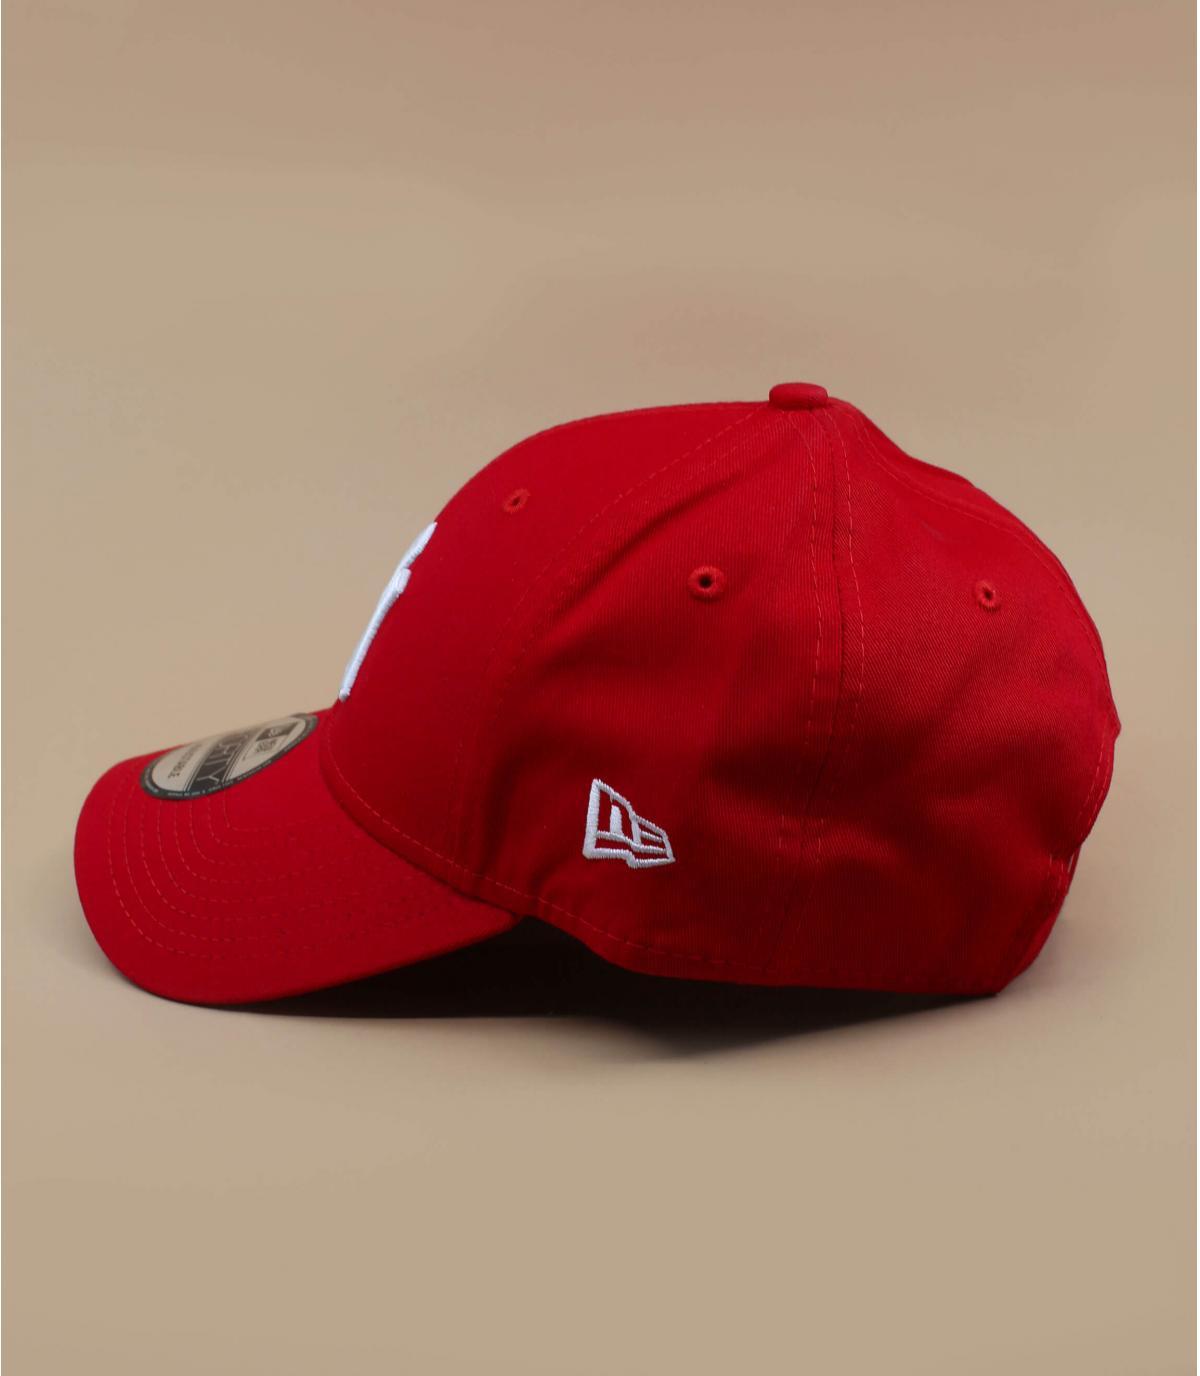 Détails Casquette NY 9forty rouge ajustable - image 3